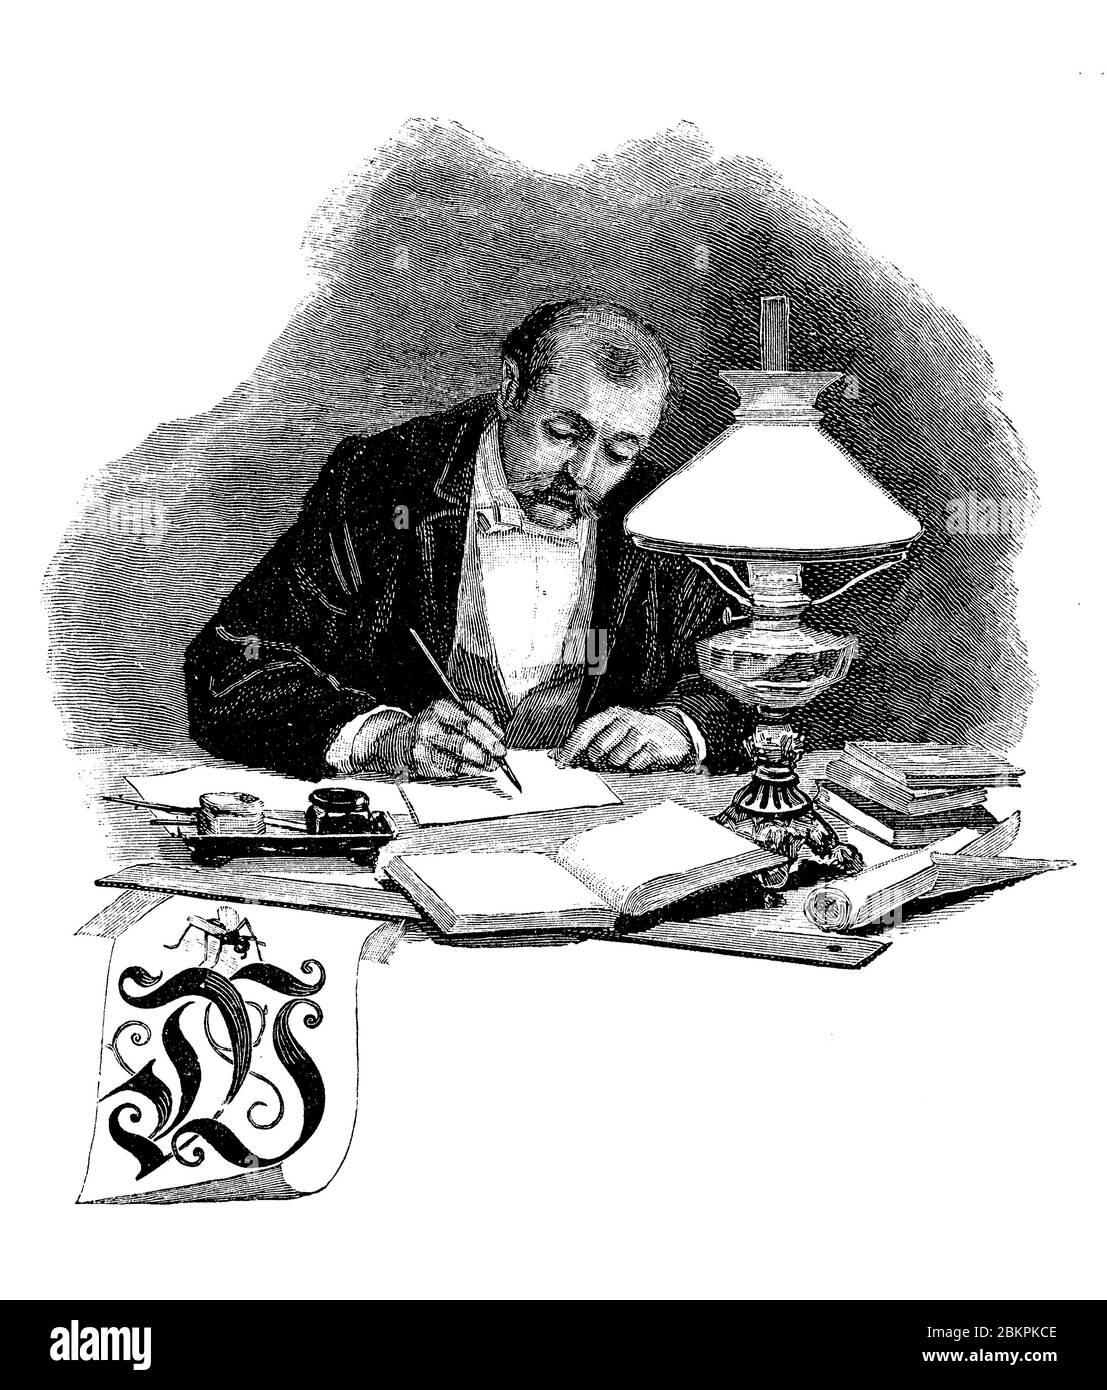 Tipografía: Letra W capítulo frontispiece, viñeta decorativa de un hombre sentado en su escritorio con libros, escribiendo una carta con lápiz y tinta Foto de stock